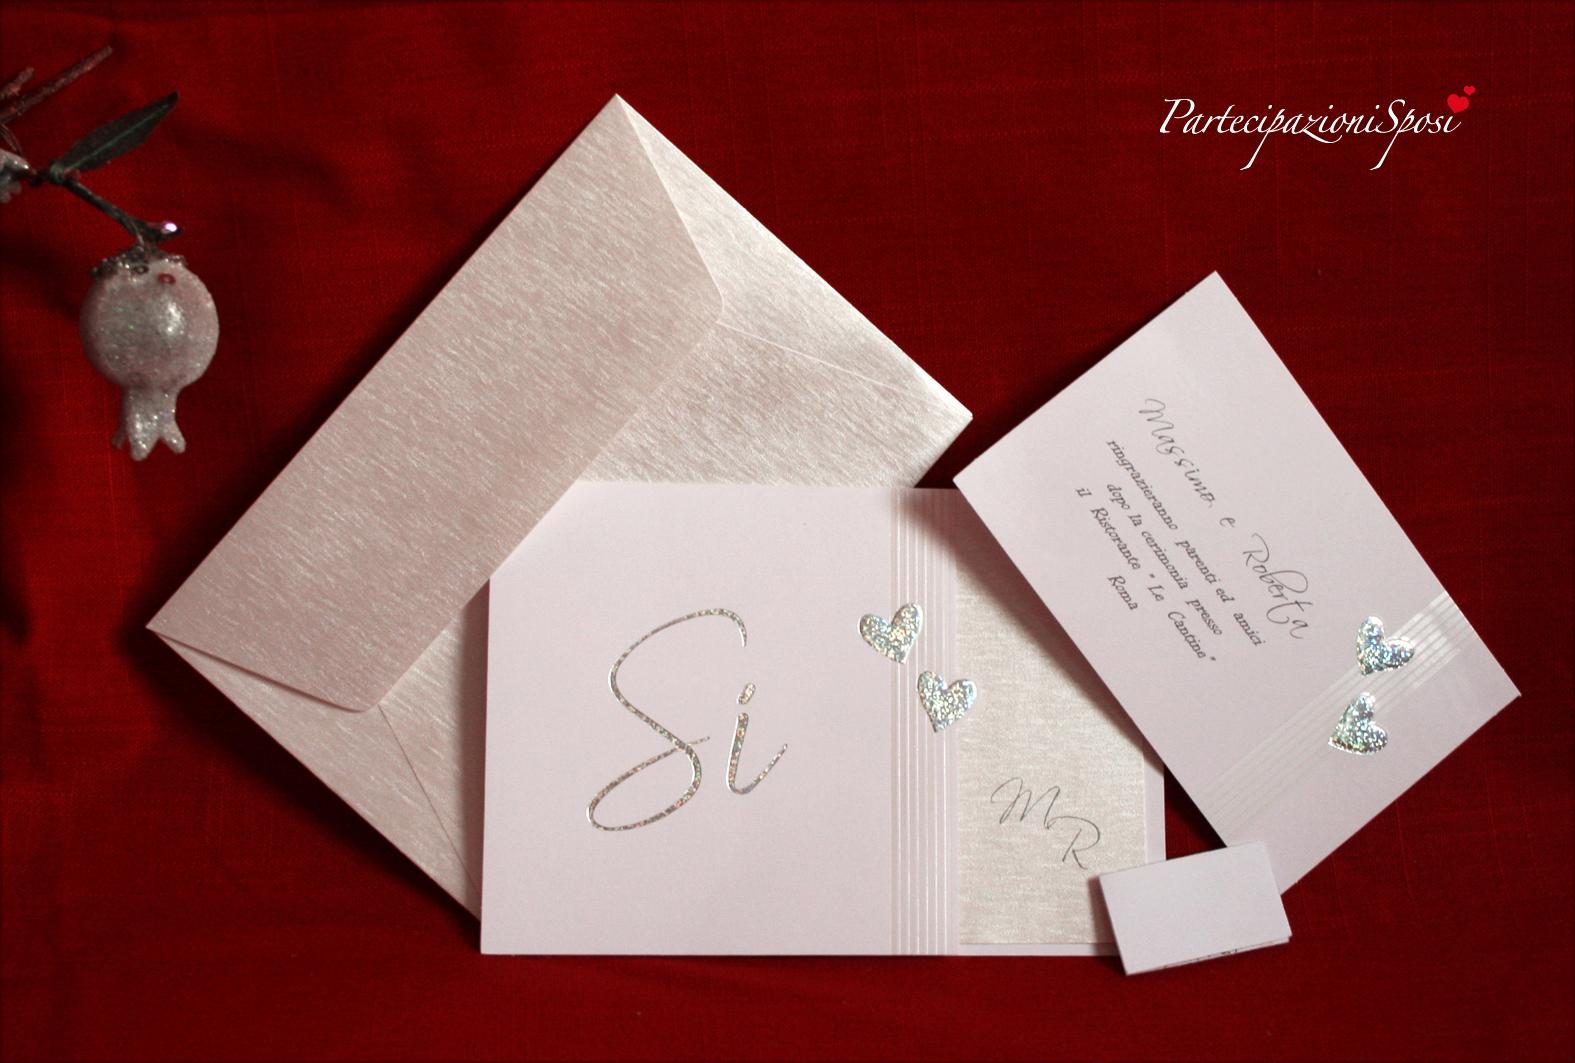 Prezzi Partecipazioni Matrimonio.Art 015 Partecipazioni Sposi Stampa Partecipazioni Matrimonio